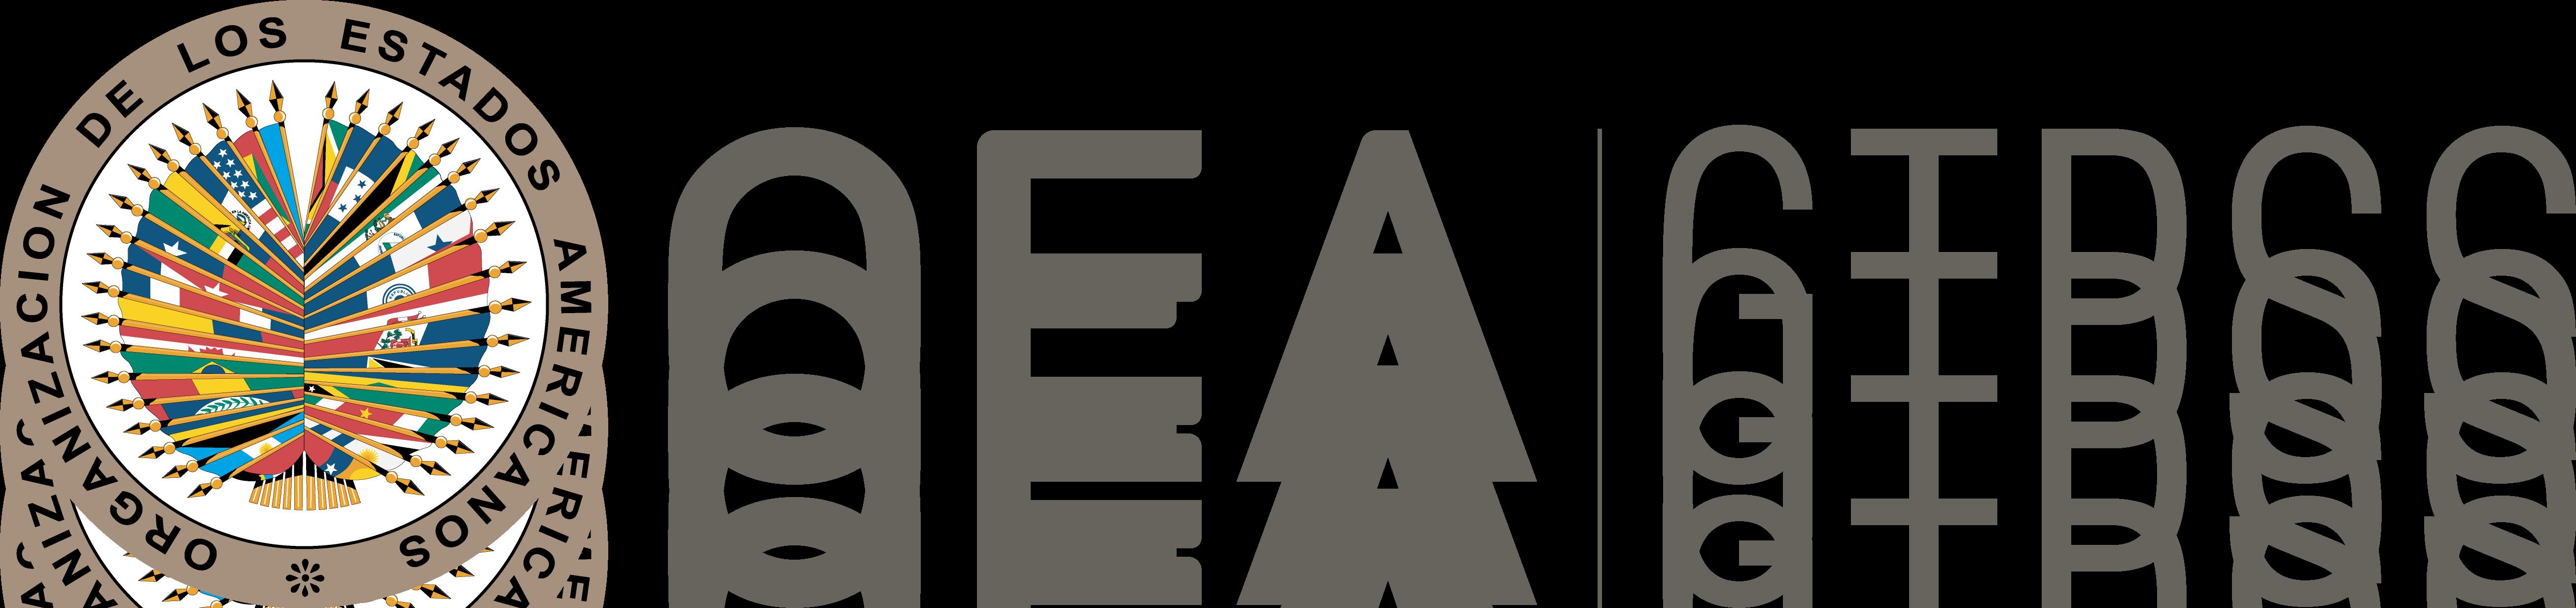 GTPSS logo